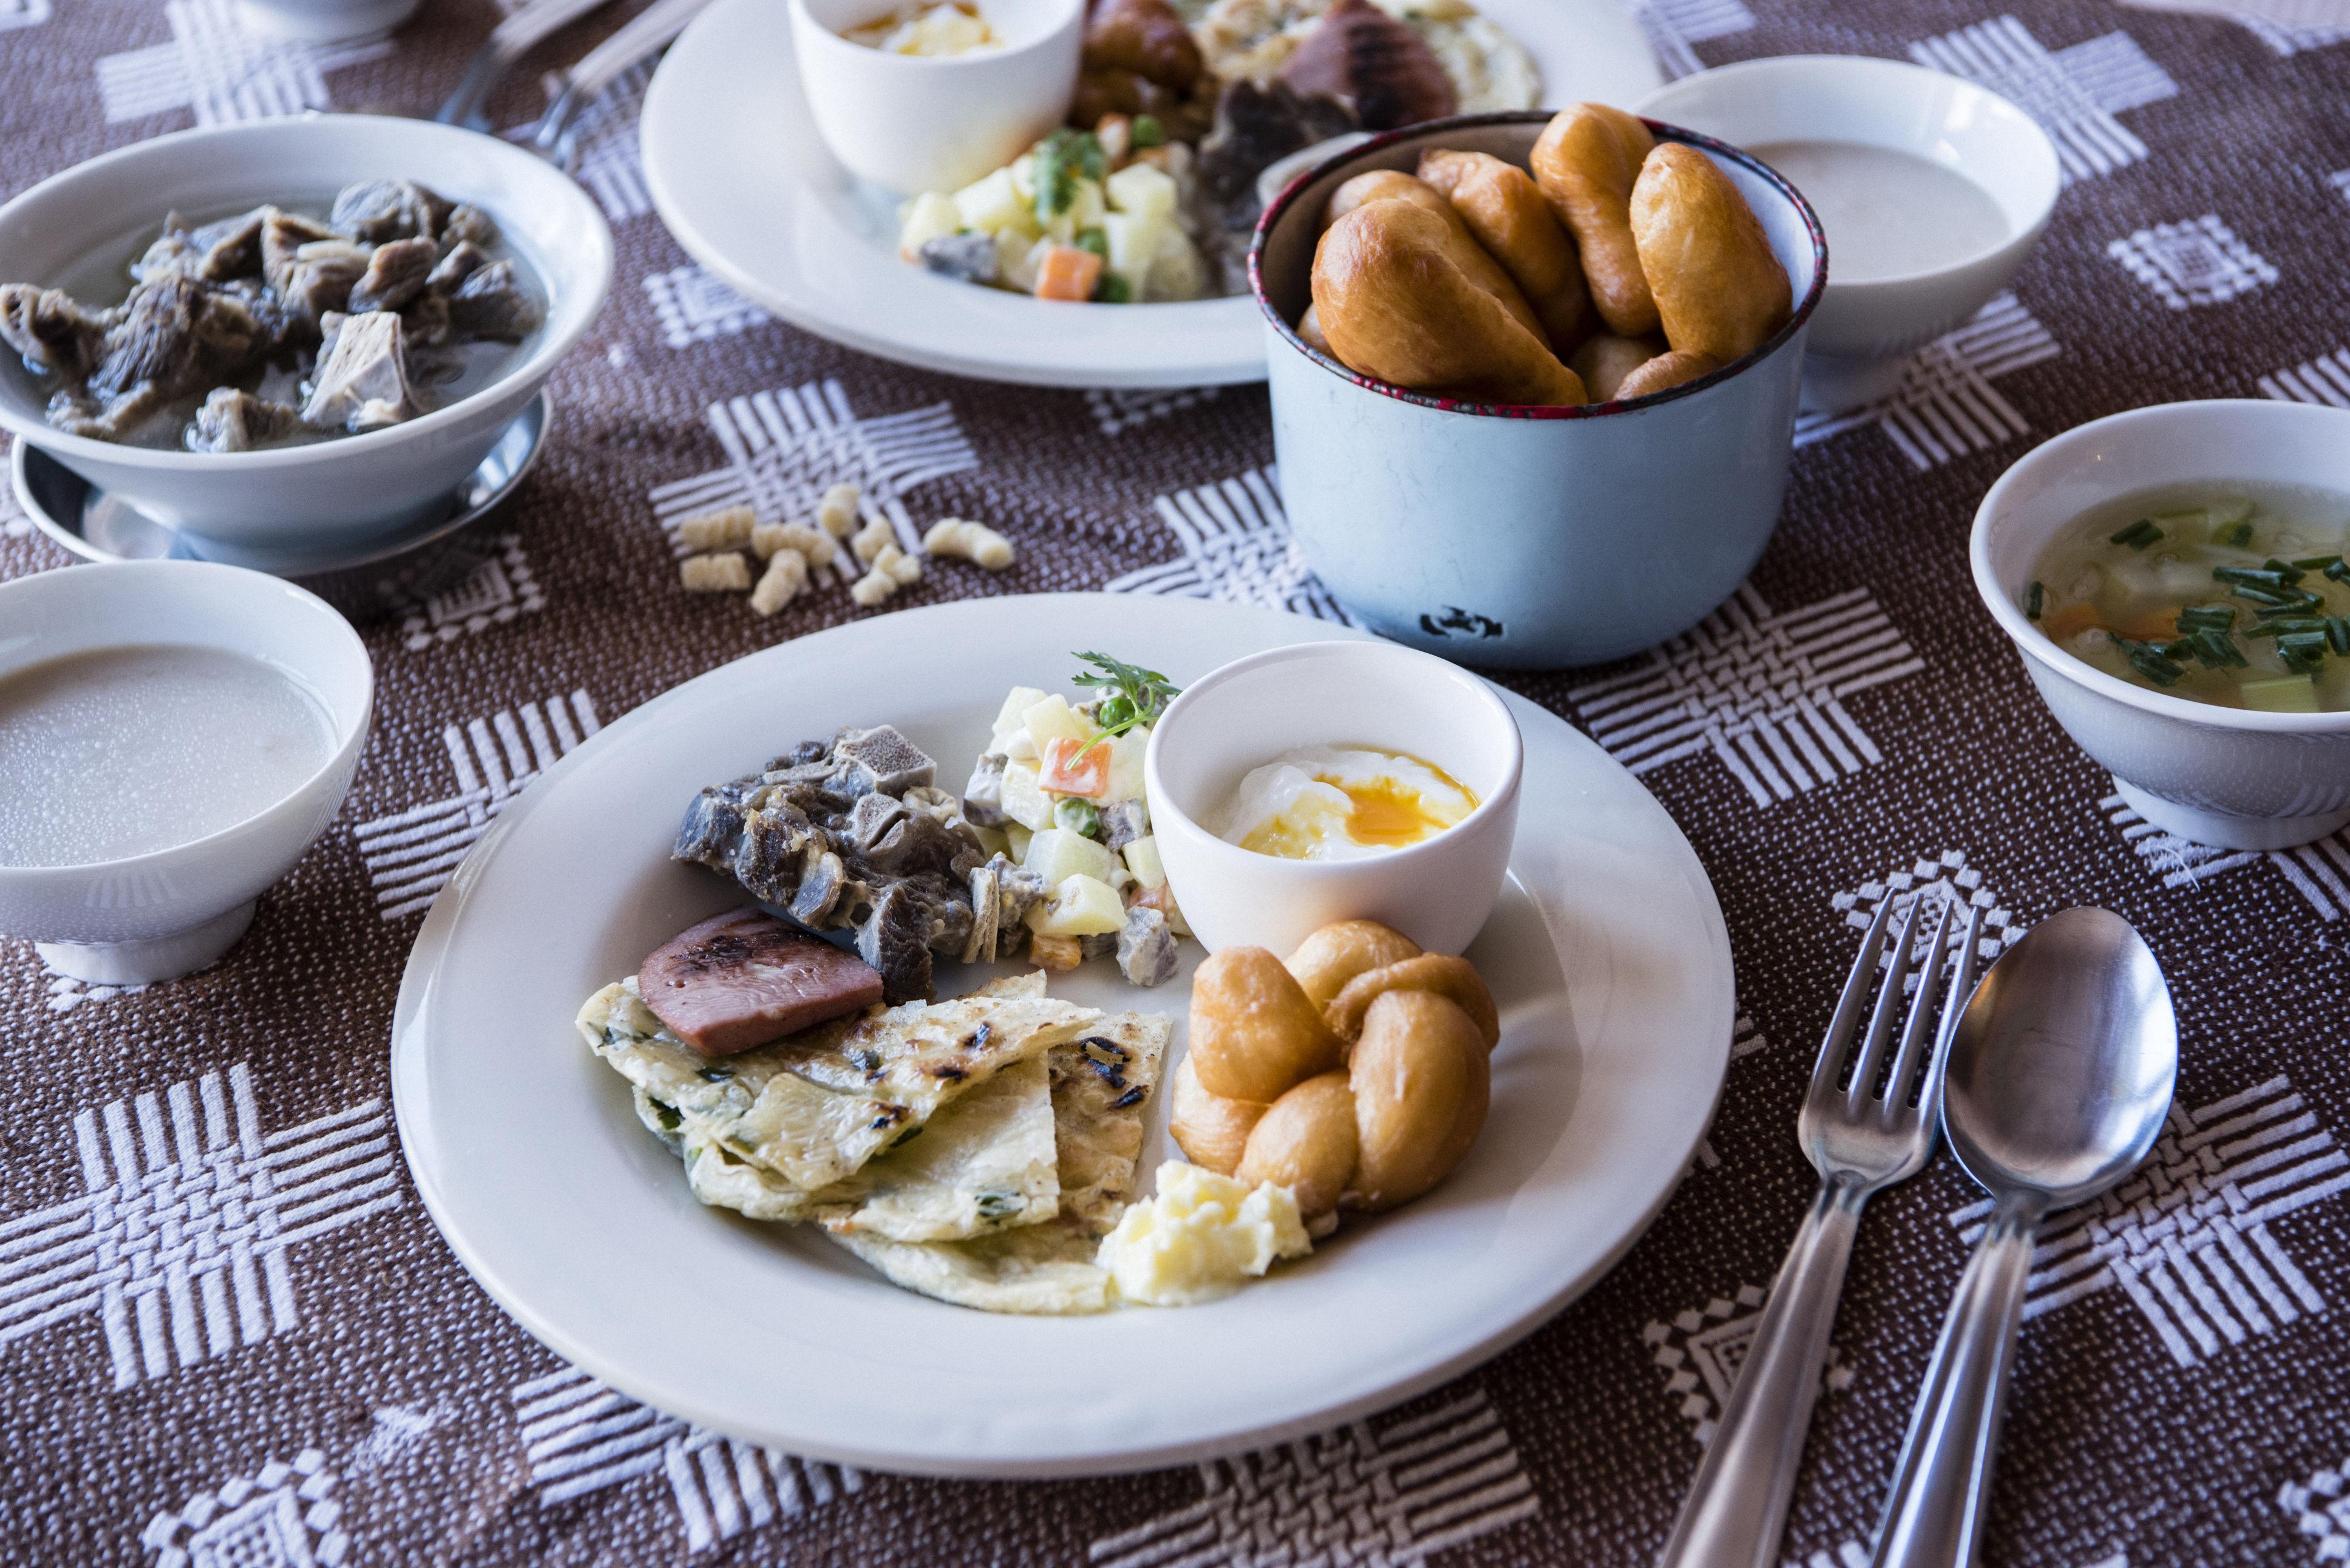 世界の朝ごはんを食べよう。9〜10月は遊牧民の食文化が味わえる「モンゴル」!